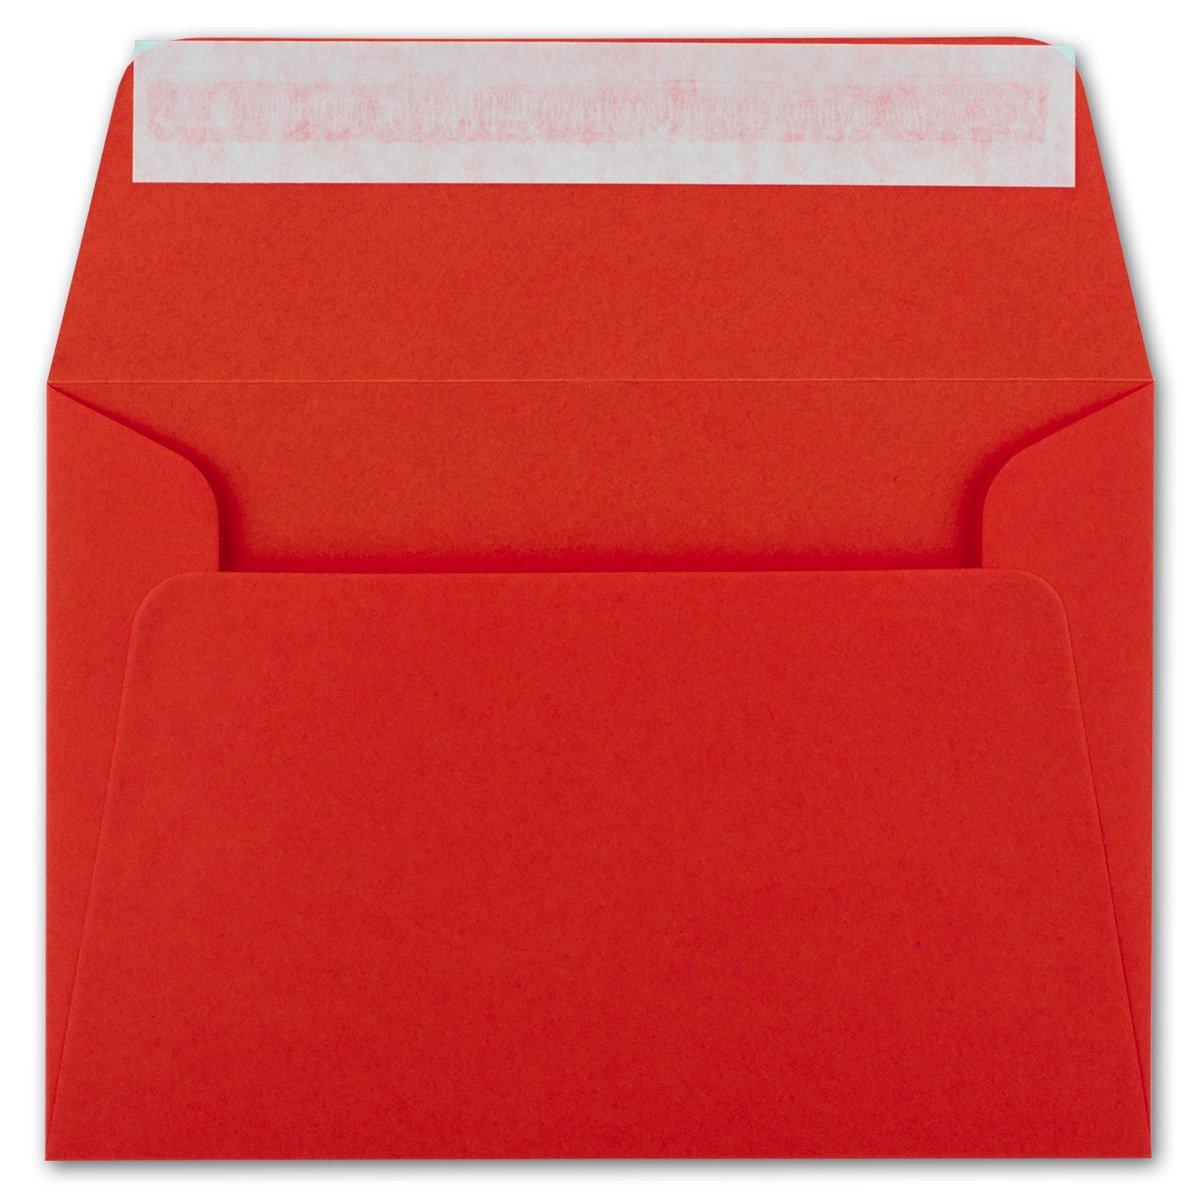 200x Brief-Umschläge B6 - Naturweiss Naturweiss Naturweiss - 12,5 x 17,5 cm - Haftklebung 120 g m² - breite edle Verschluss-Lasche - hochwertige Einladungs-Umschläge B078HFLLMR | Stil  42c1ec